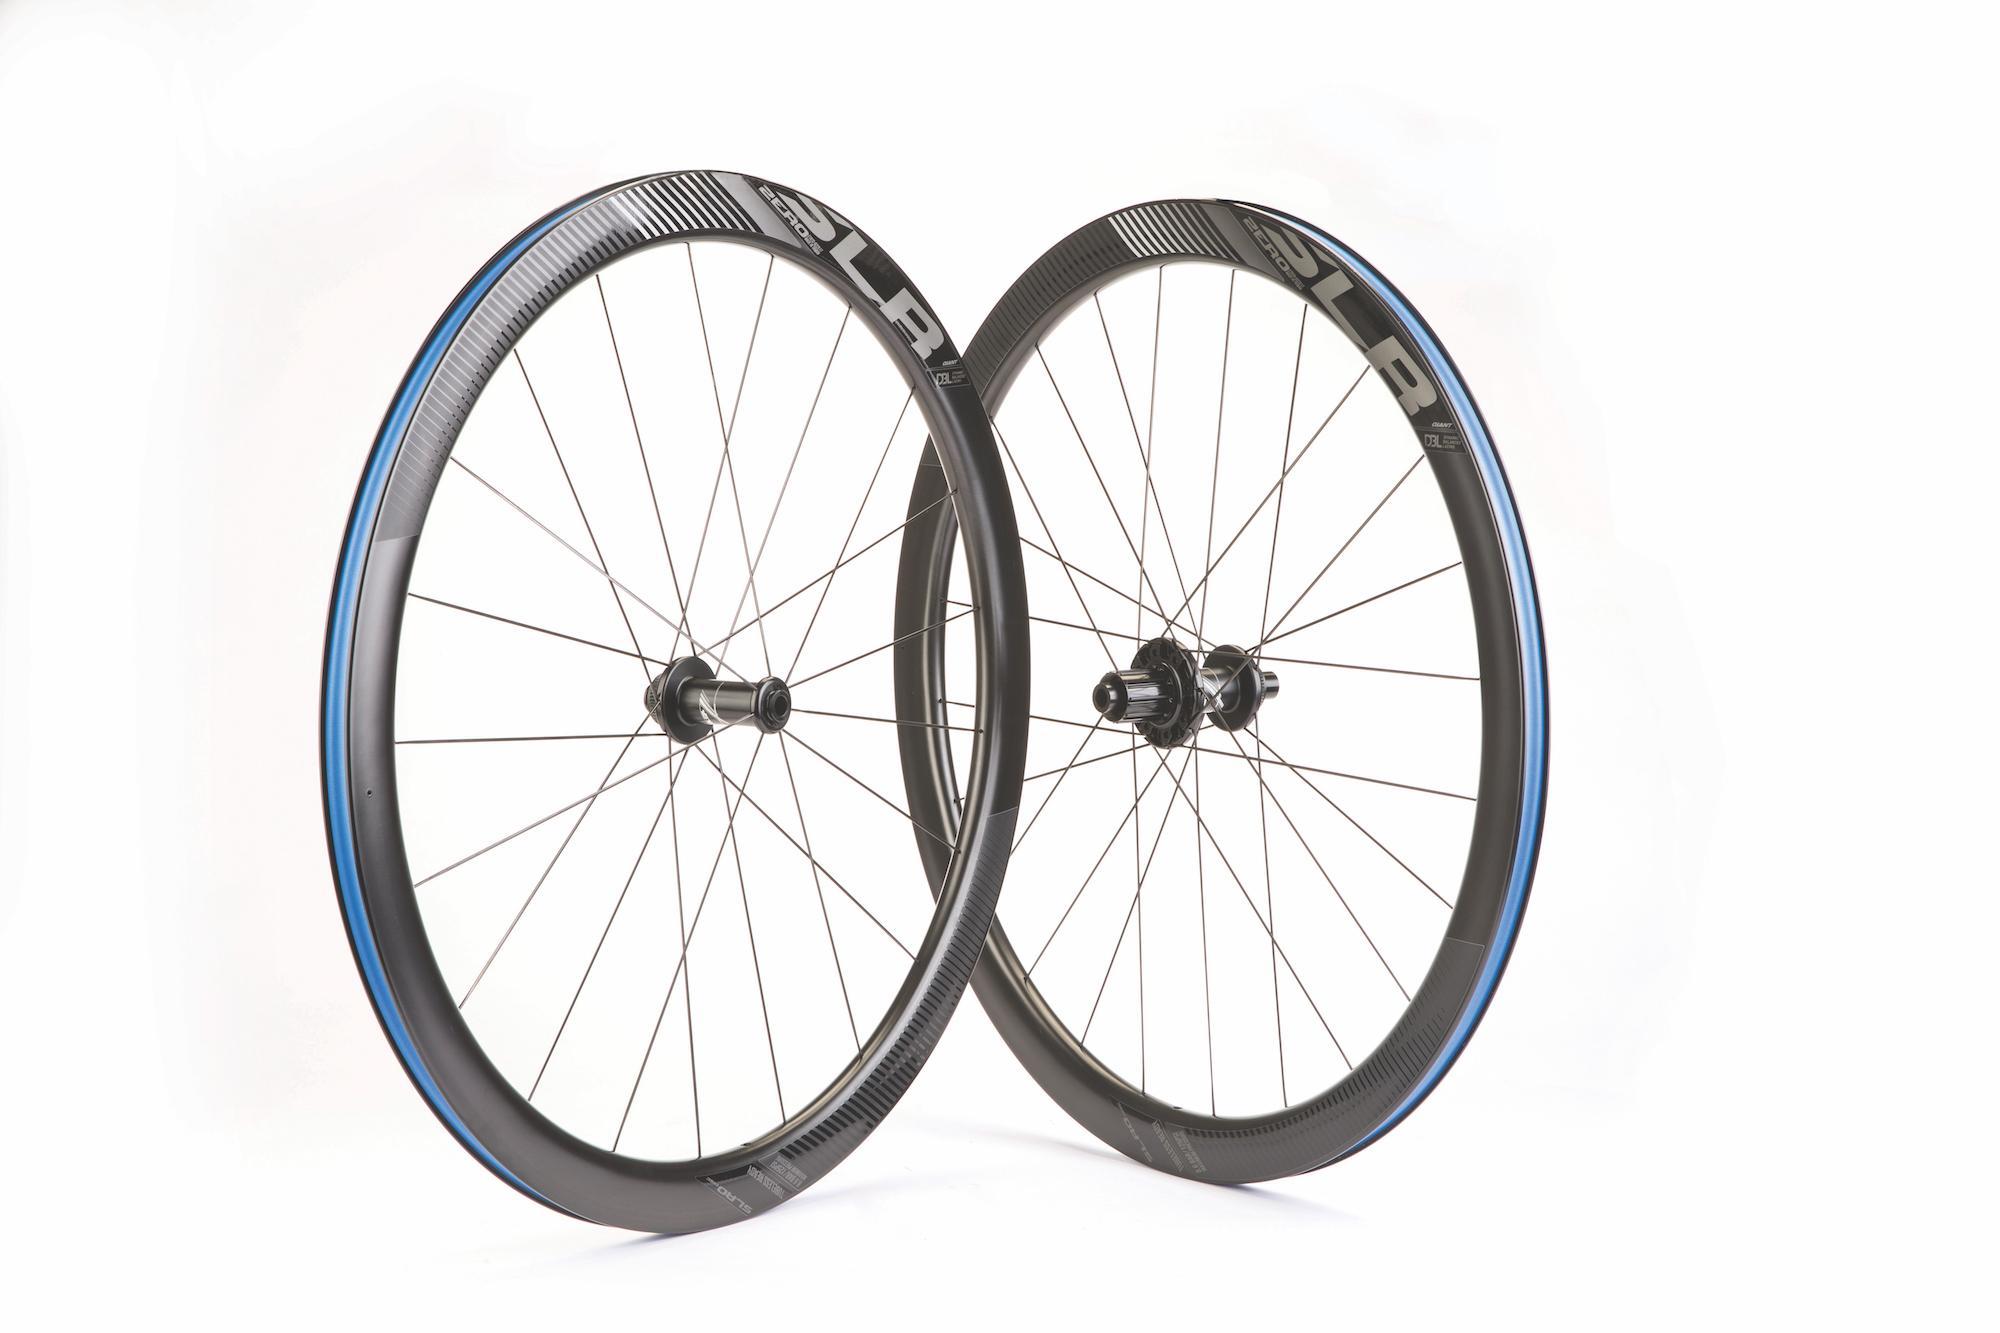 Giant SLR 0 42mm Disc Wheelset